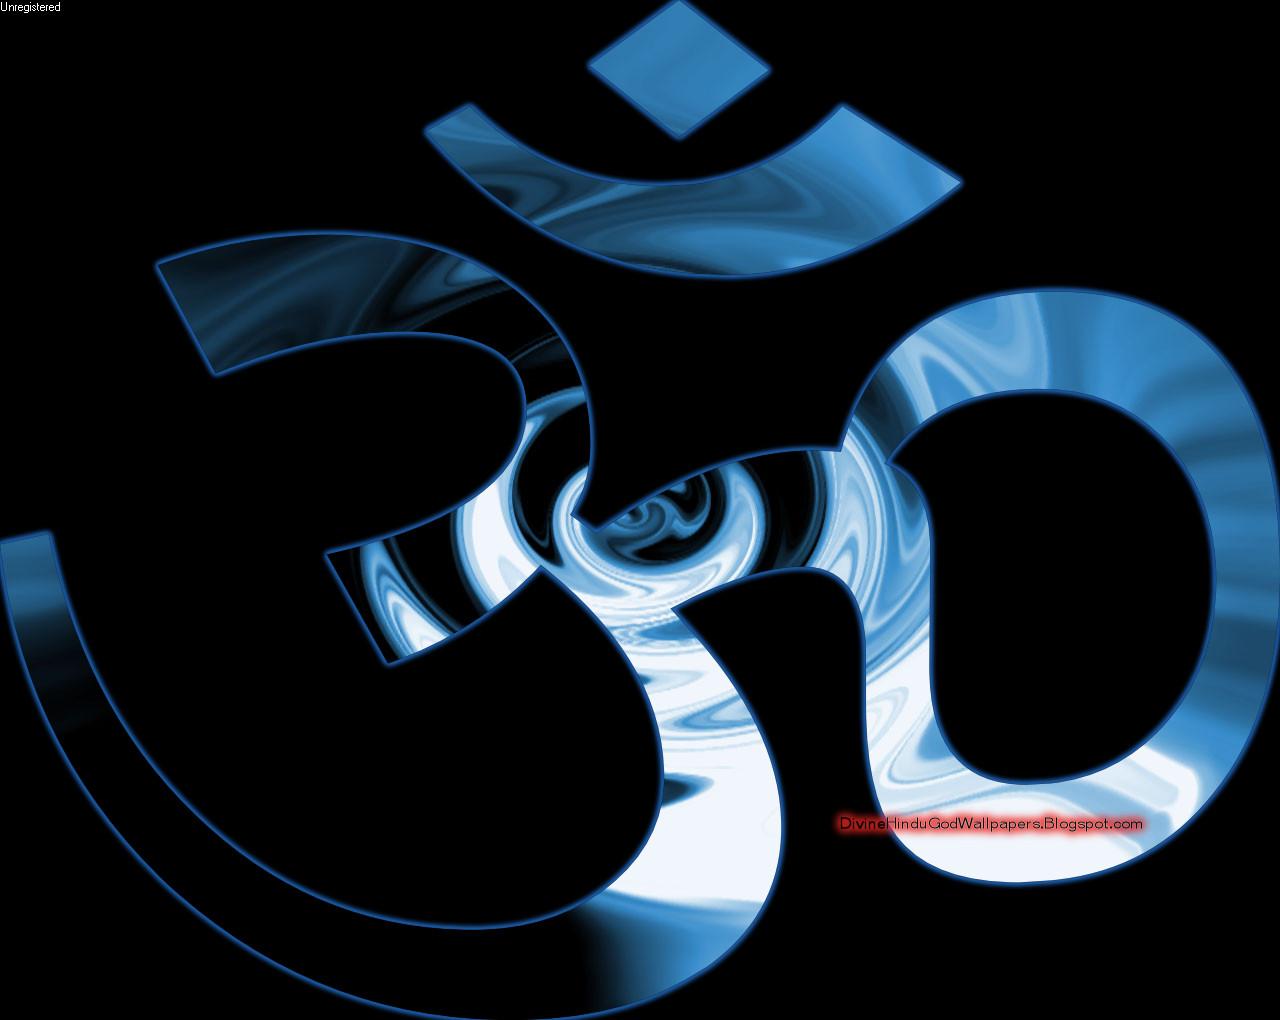 http://3.bp.blogspot.com/-2cmZVk78Dck/UJKqeo6BUII/AAAAAAAADFA/5Qg-udPdVR8/s1600/Om+Abstract+Color.jpg